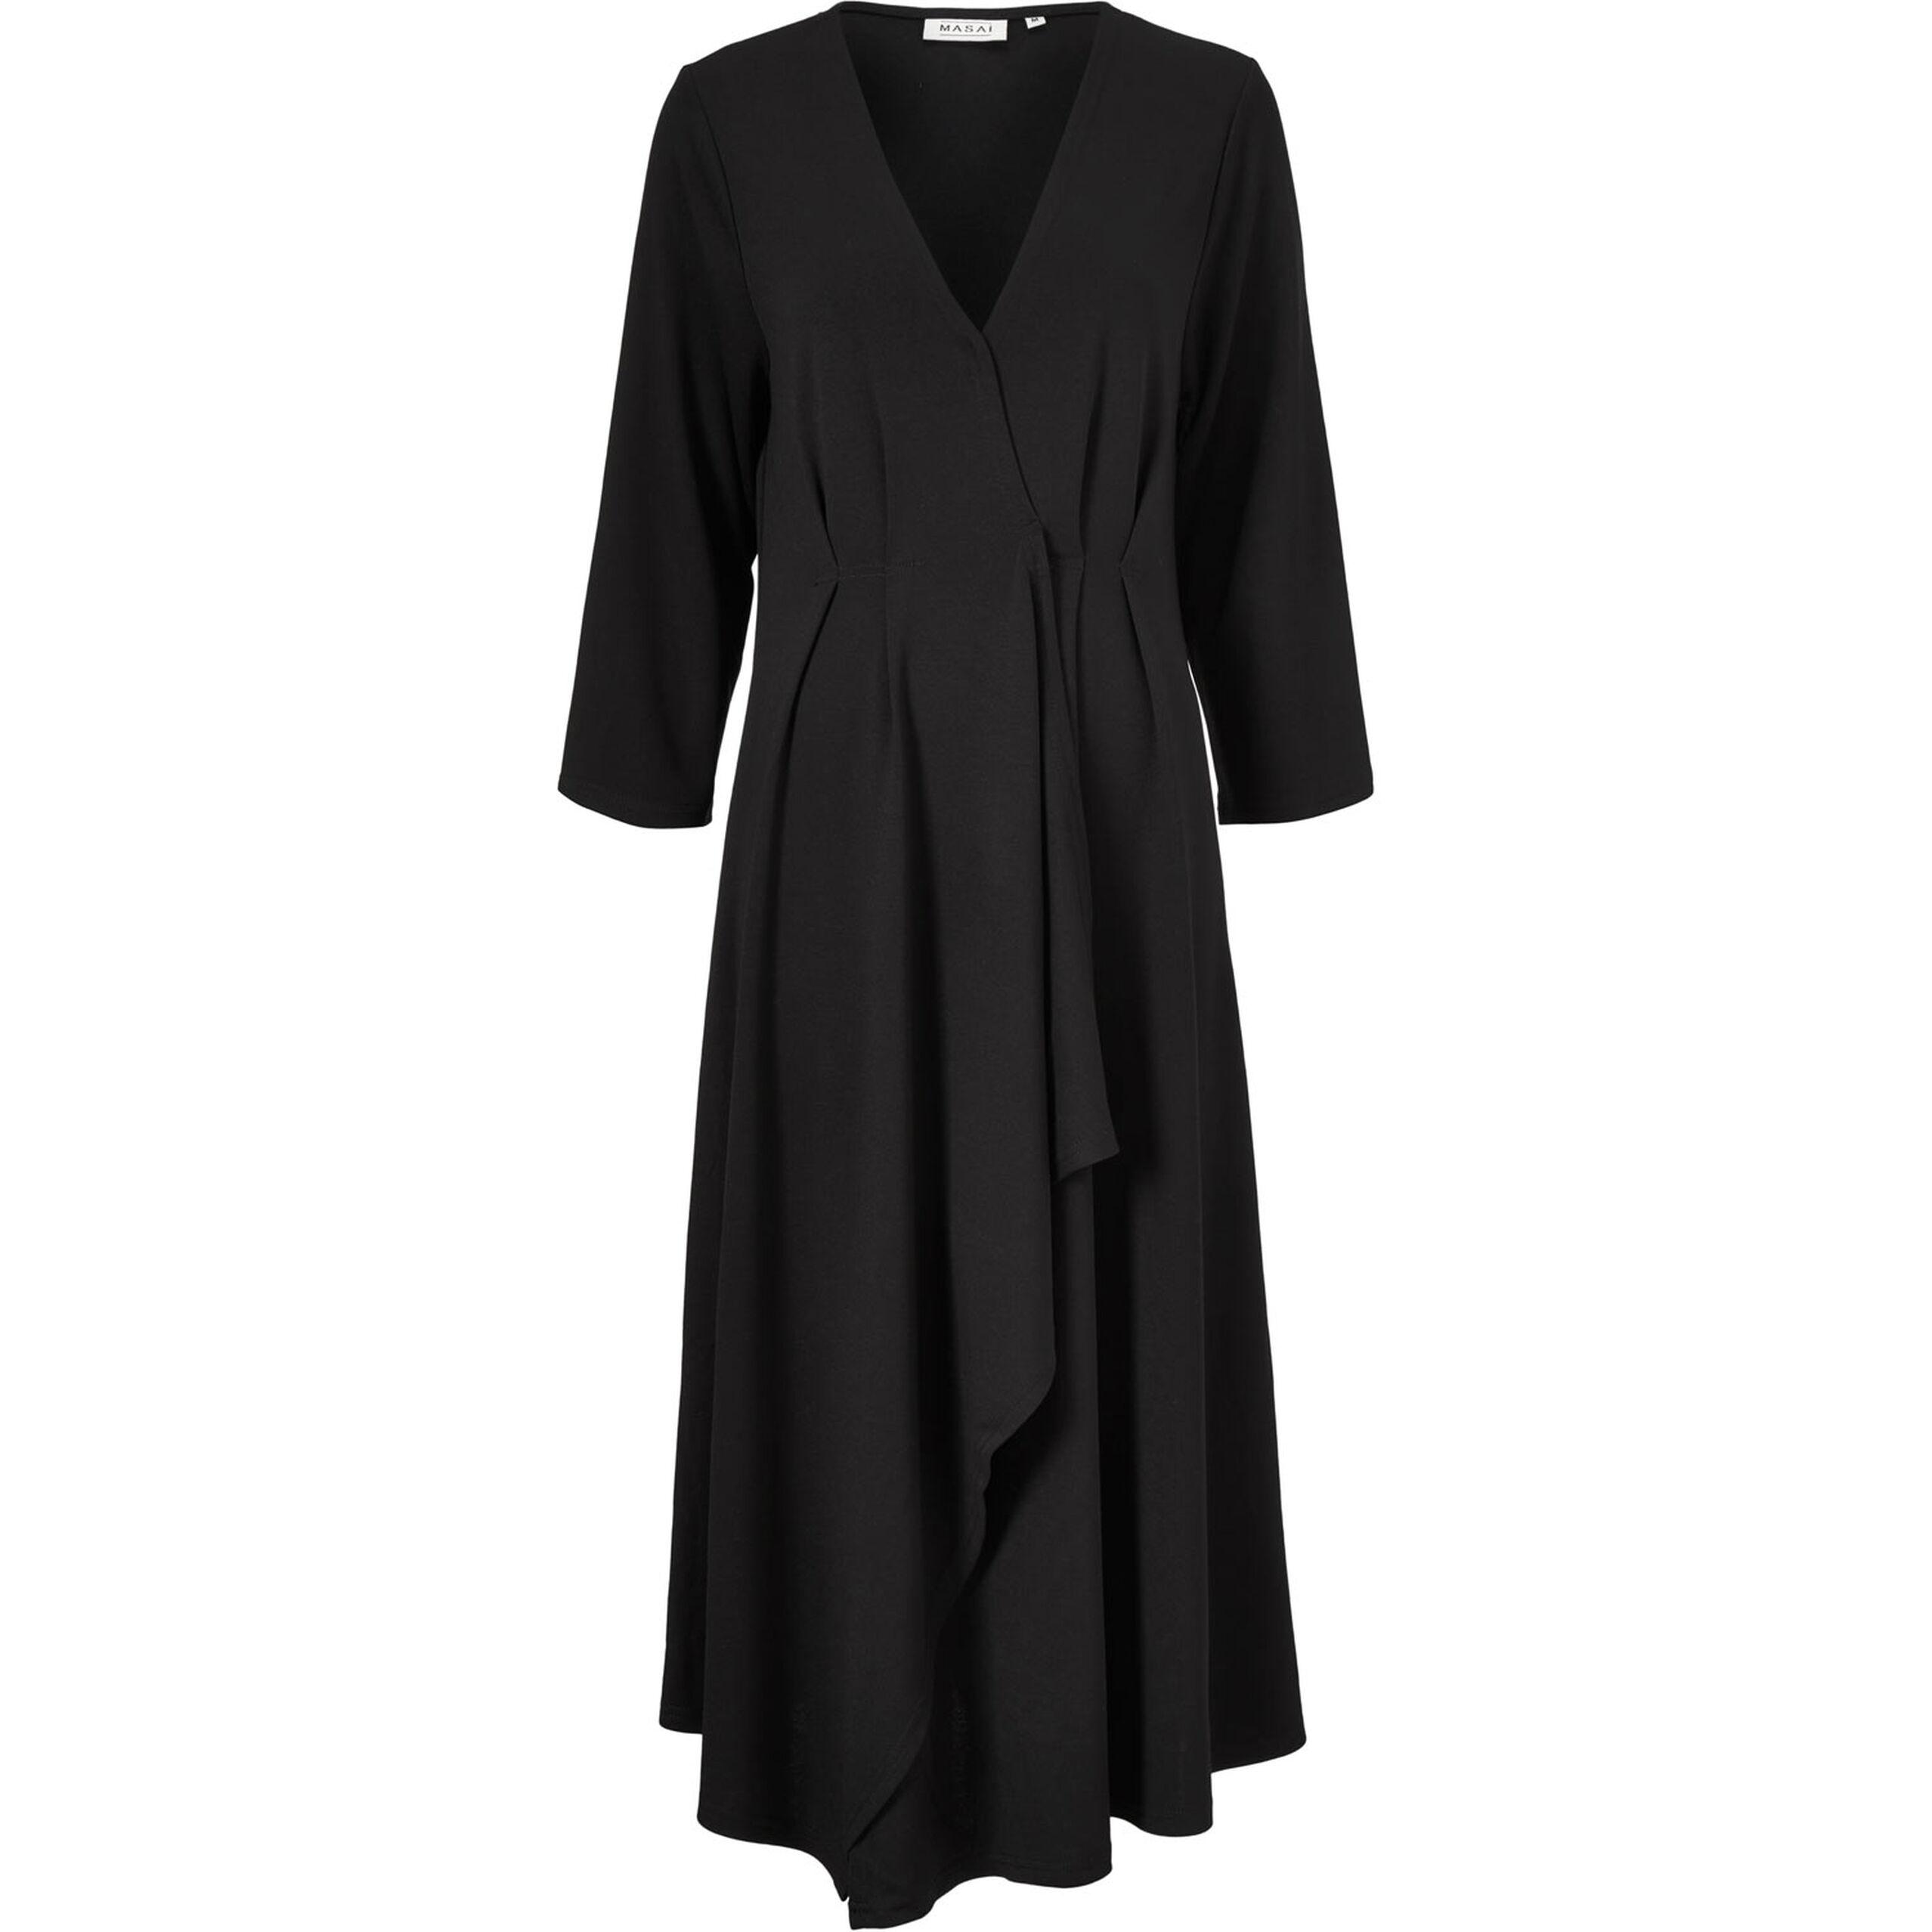 NIKASSI DRESS, Black, hi-res